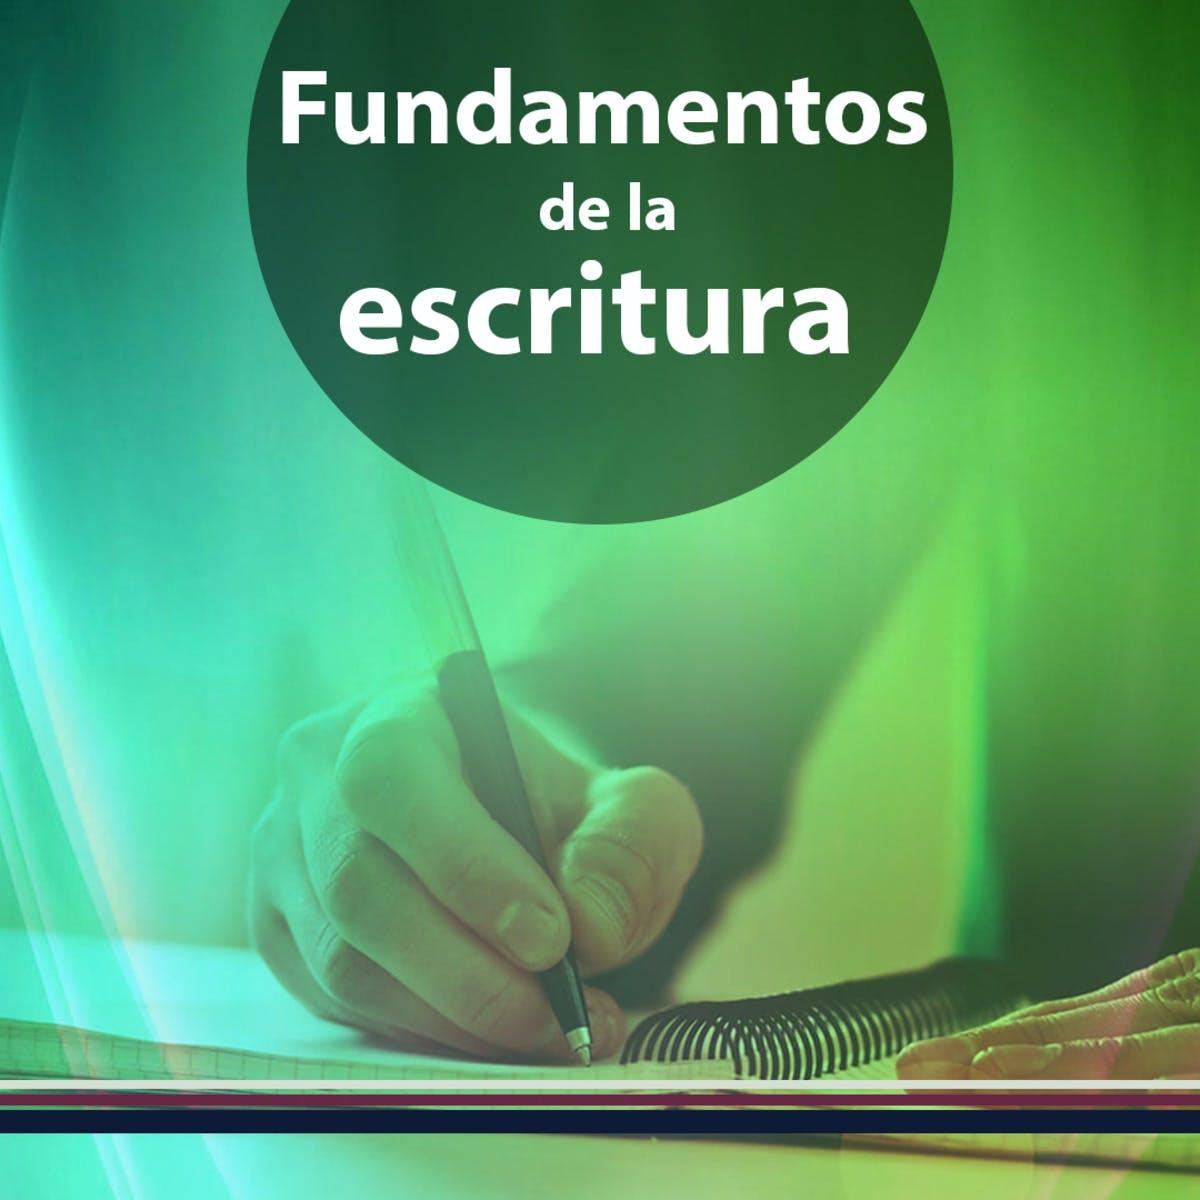 Fundamentos de la escritura